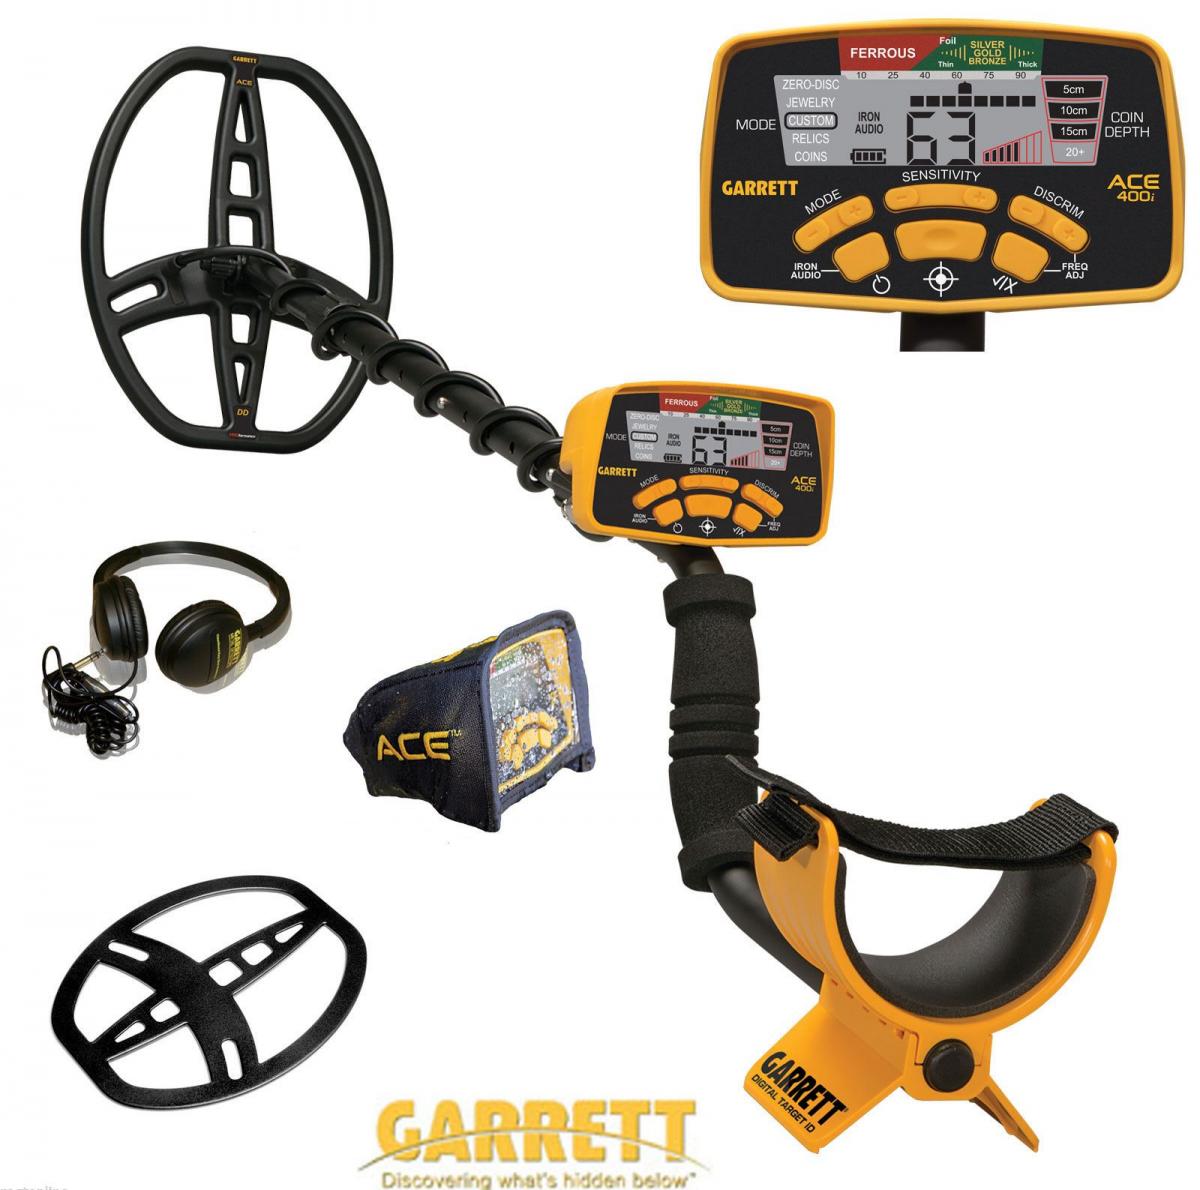 Garrett Ace 400i Metal Detector Extras